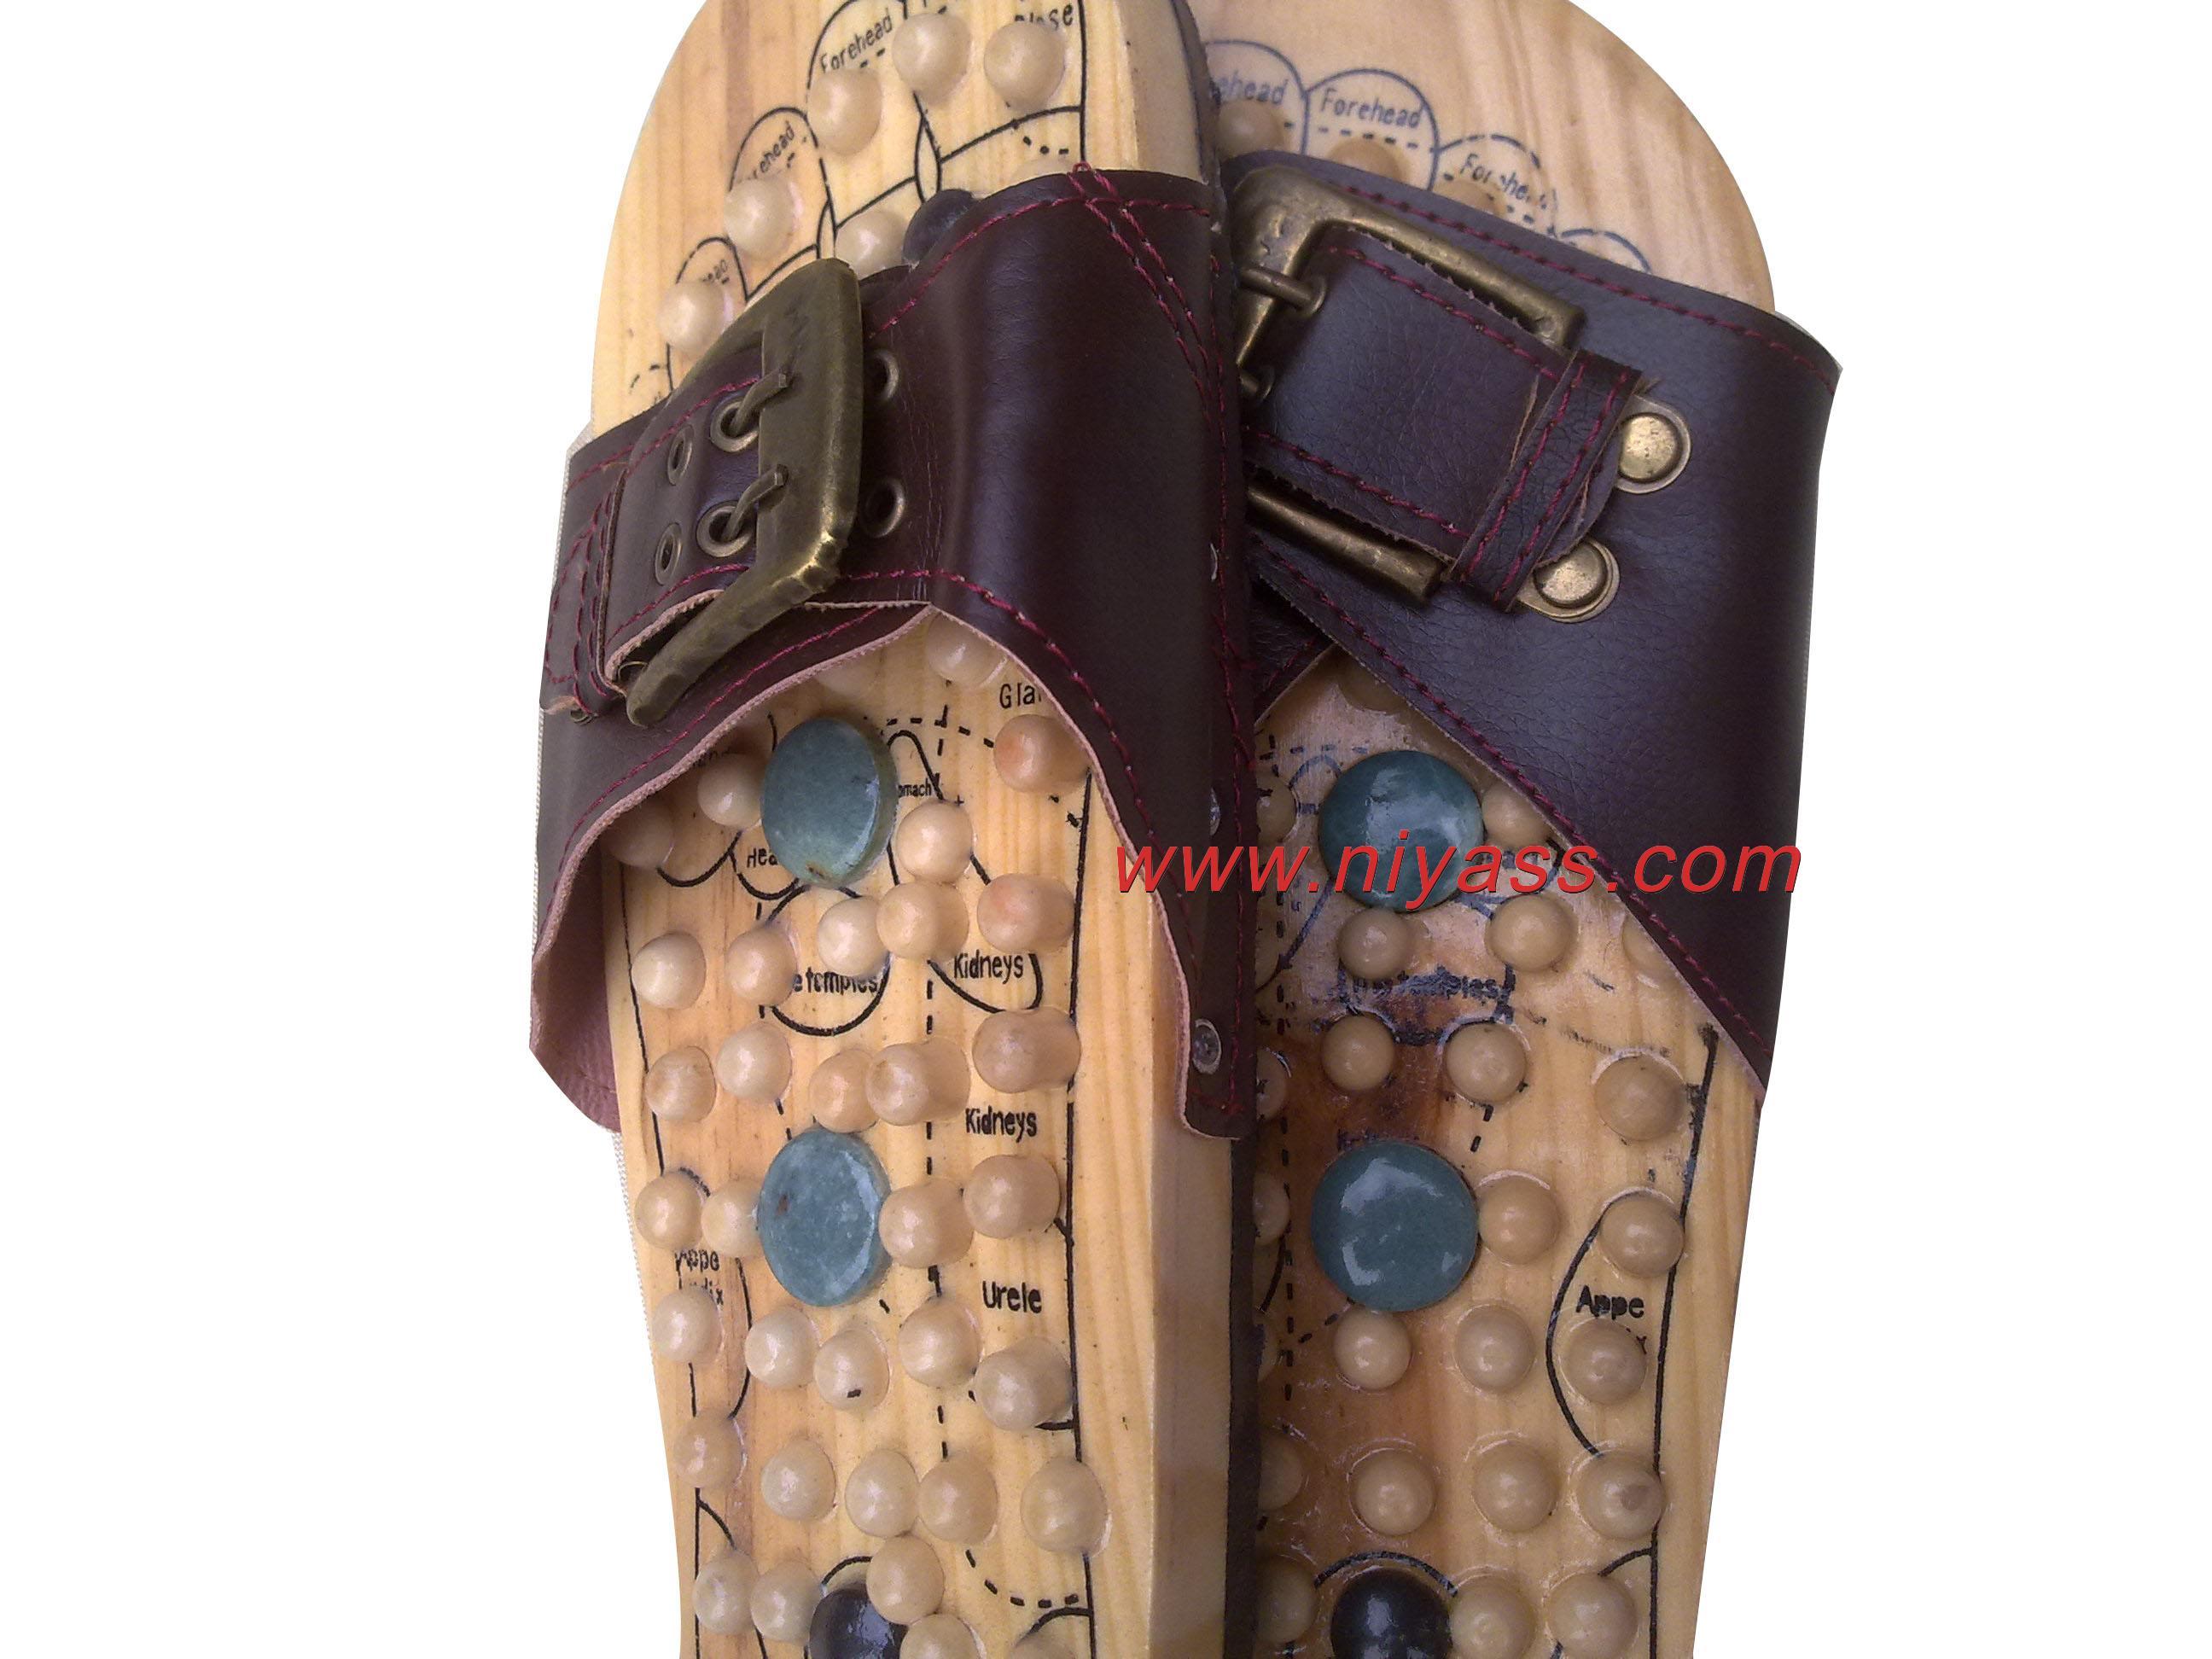 Рефлекторный массажный коврик для ног Рефлексология поощрения подлинного счетчики указывают здоровья природных галечных педикюр Тапочки другие бренды обувь Массаж